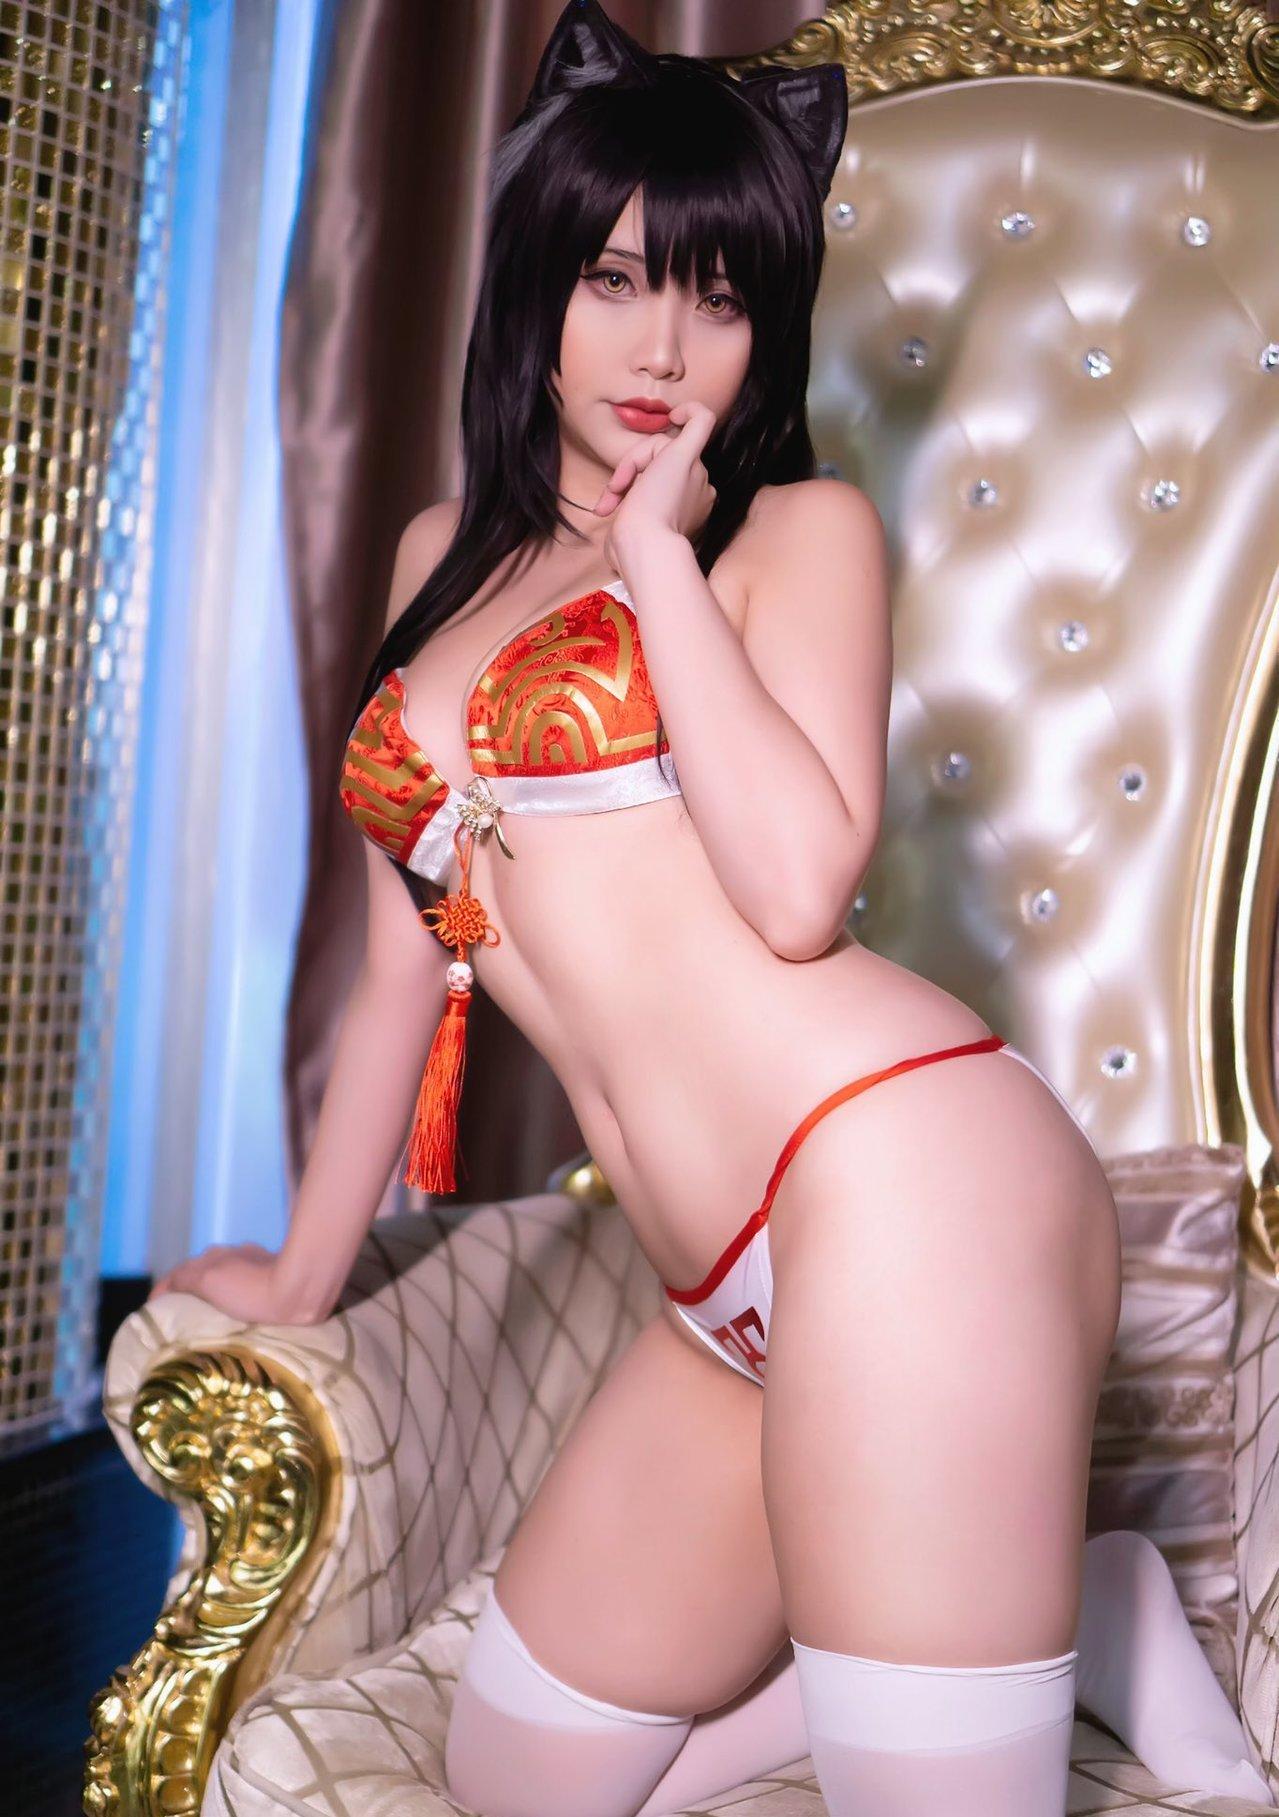 Hana Bunny Patreon Sexy Leaks 0001